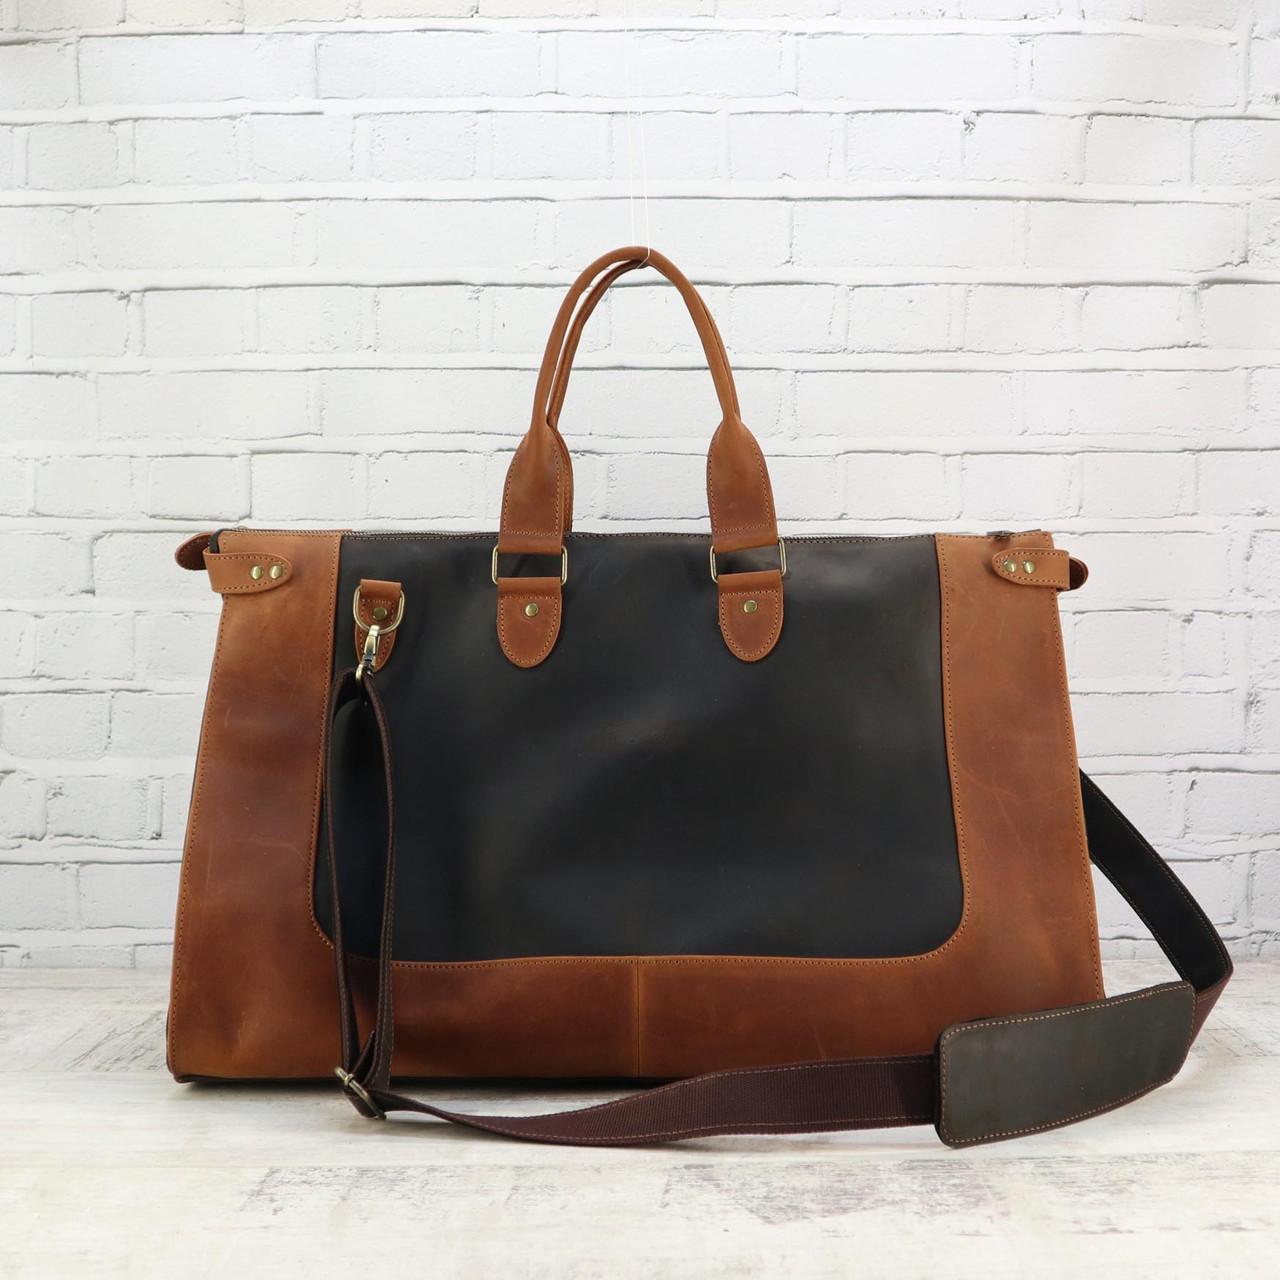 Дорожная сумка tree коньячная коричневая из натуральной кожи crazy horse